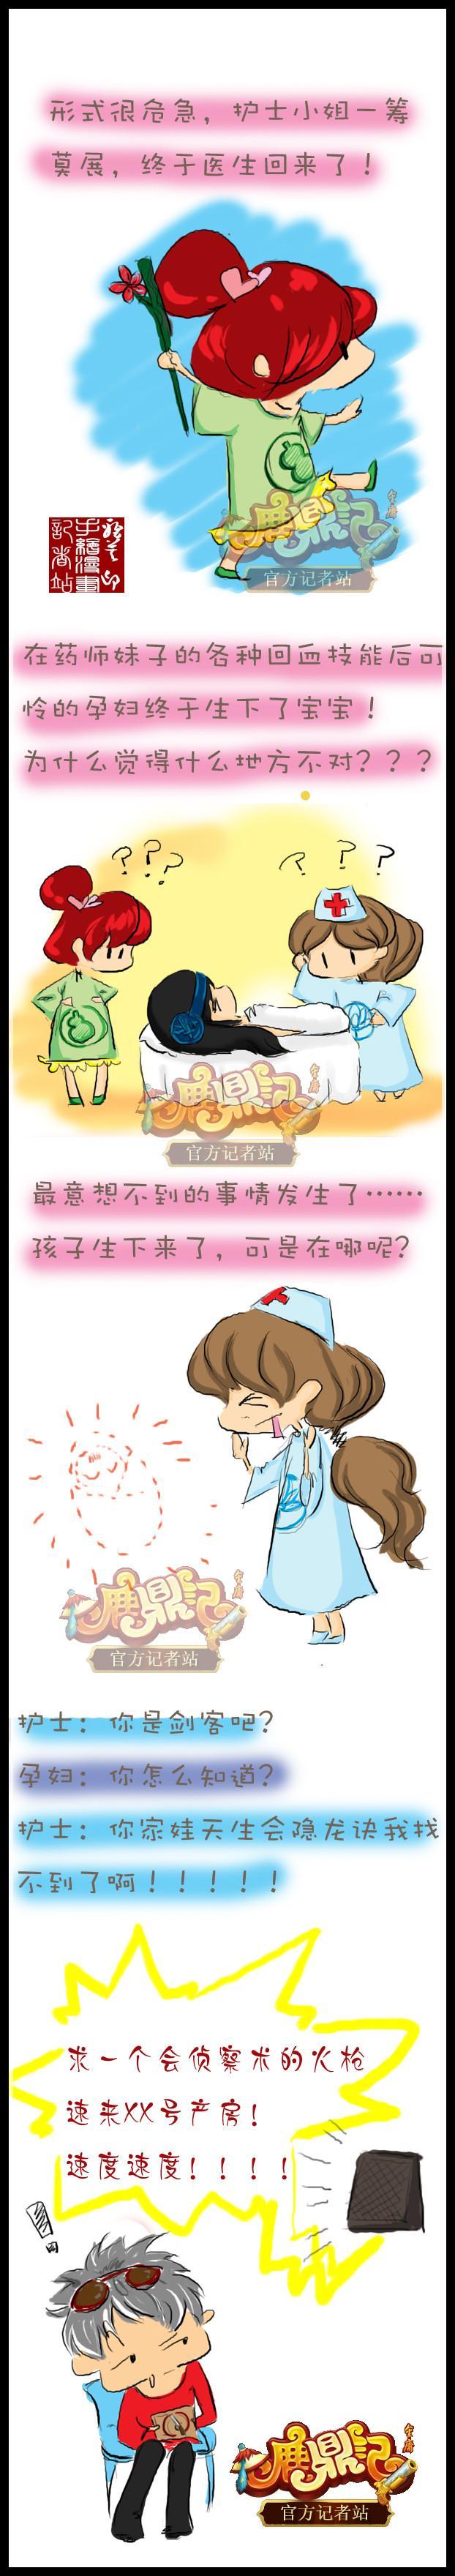 主题:【记者站】手绘漫画—献血记